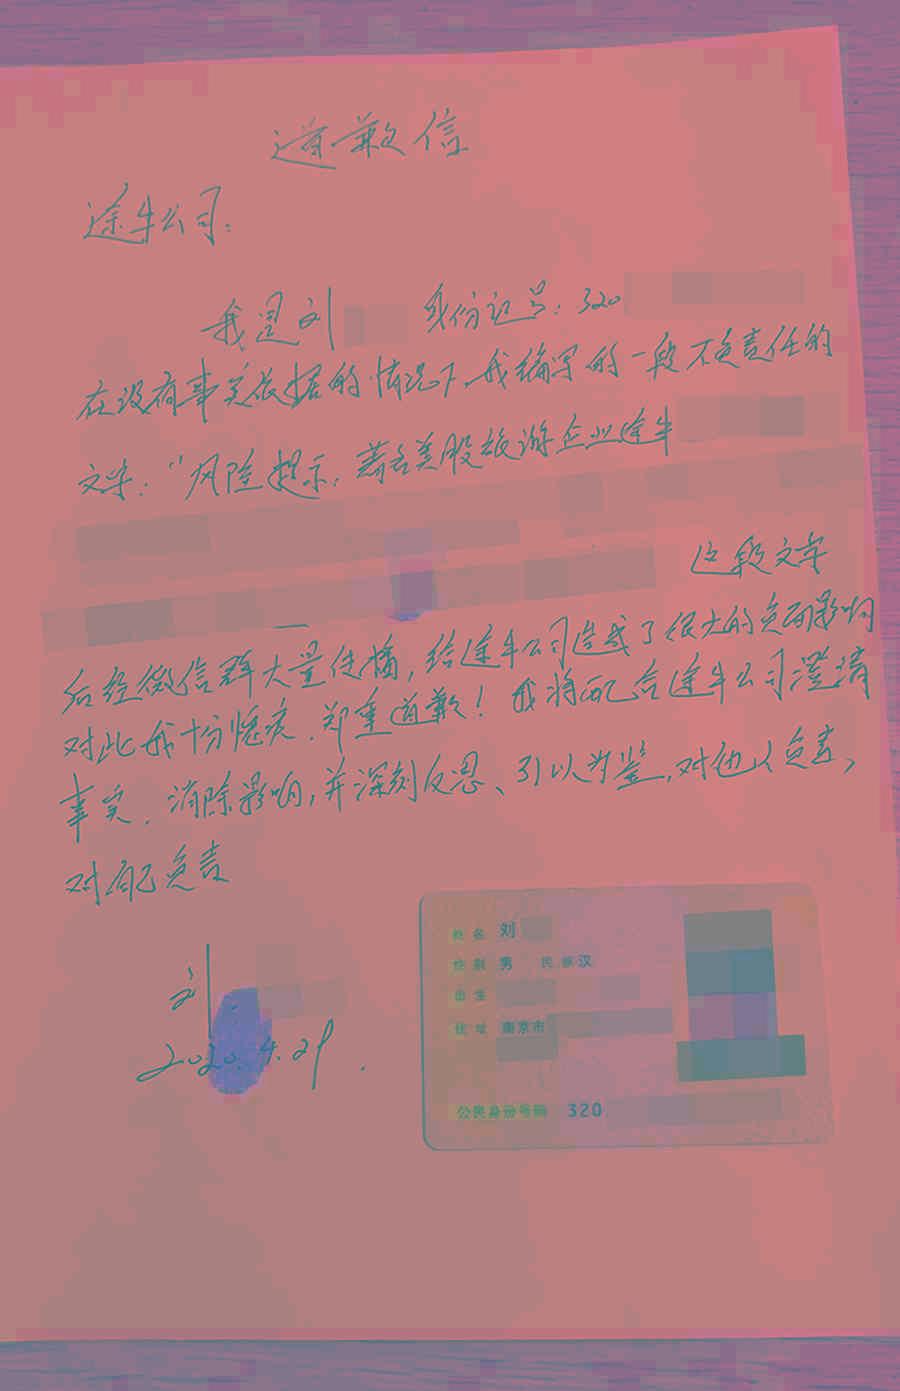 考虑到刘某还年轻,认错态度诚恳,隐去了 他的名字。